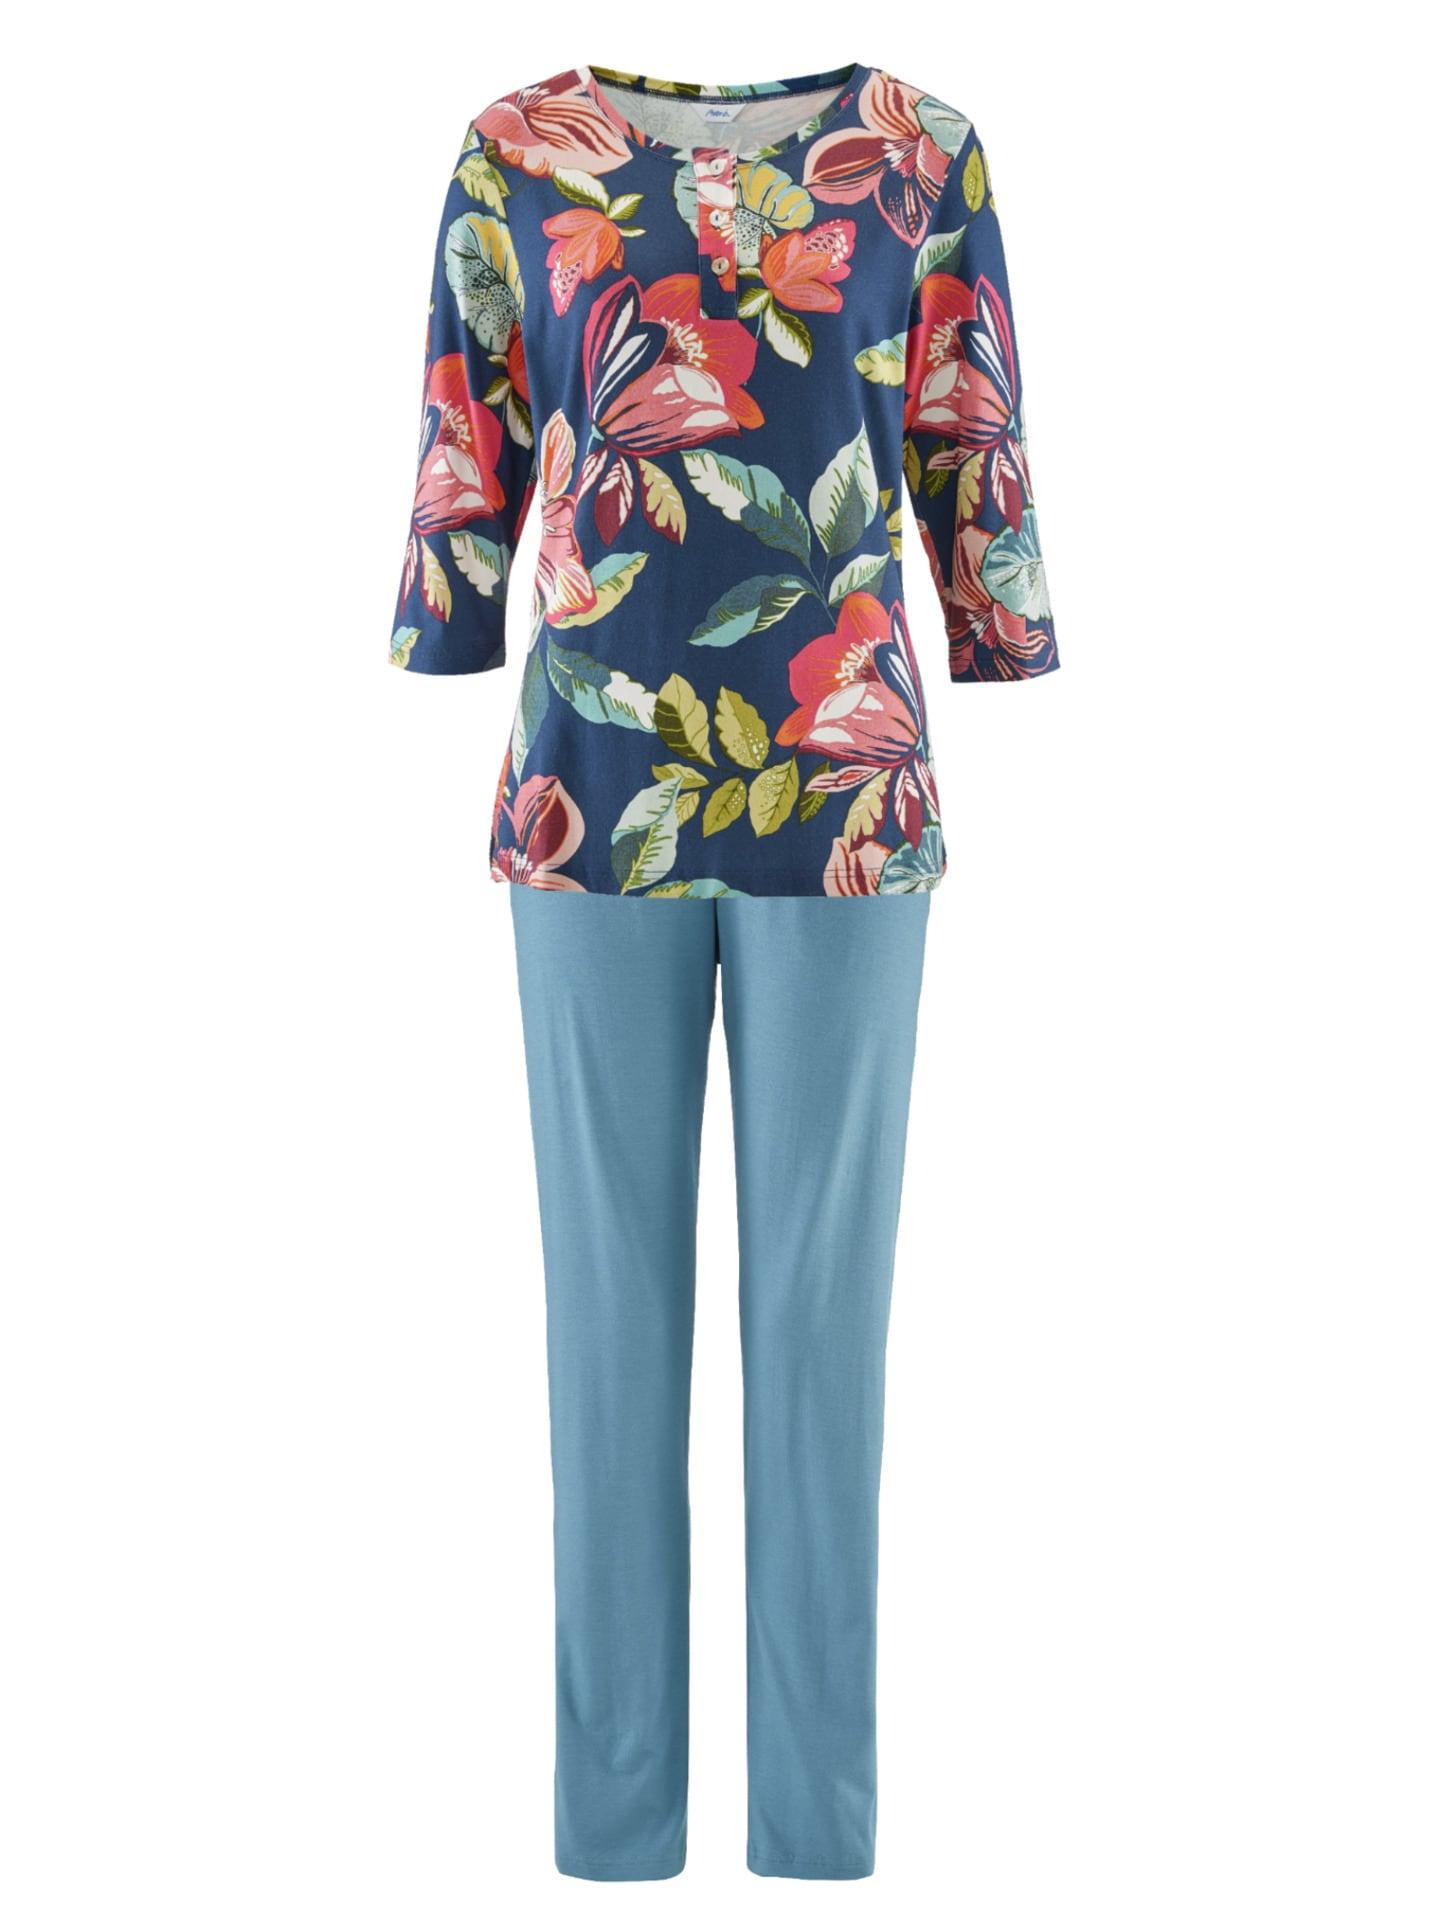 Avena noch offen: Marke Damen Pyjama Blau noch offen: Muster 42-6478-7_MV8880